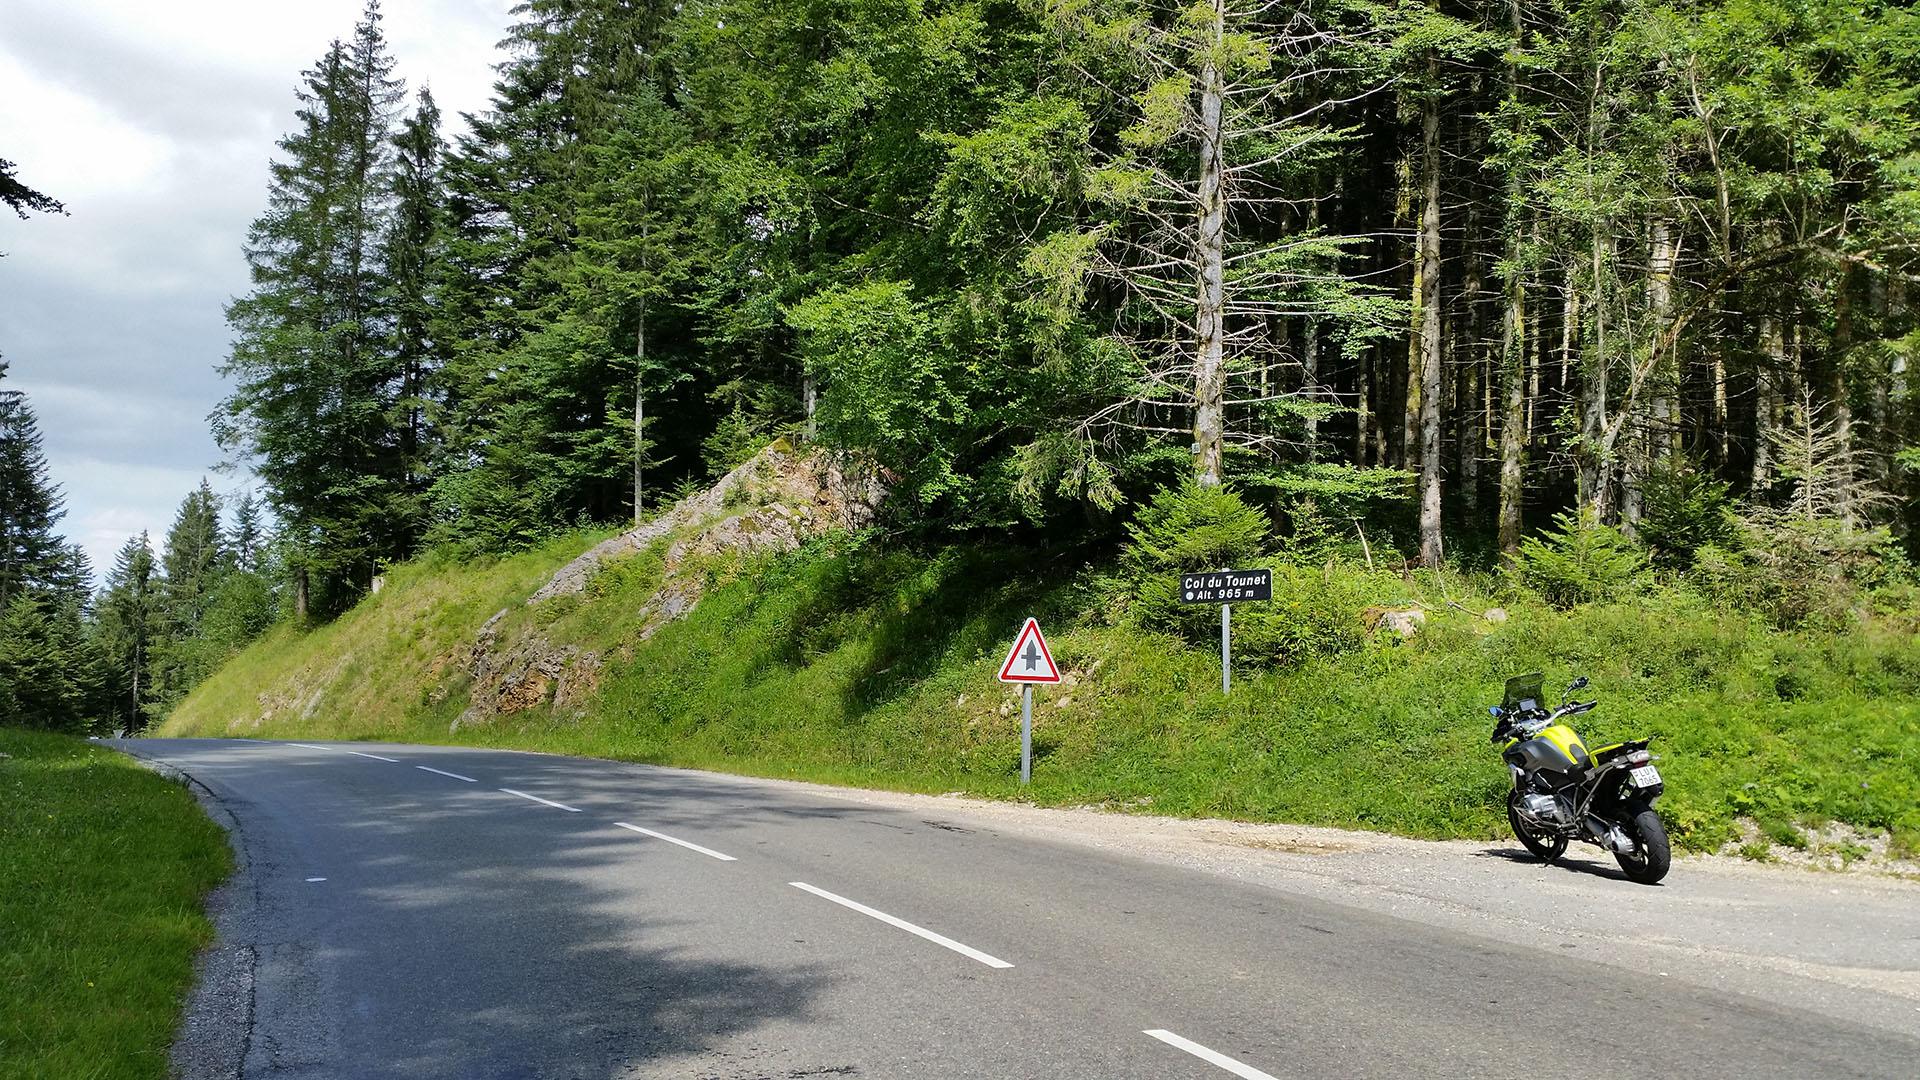 0965 - F - Col du Tounet